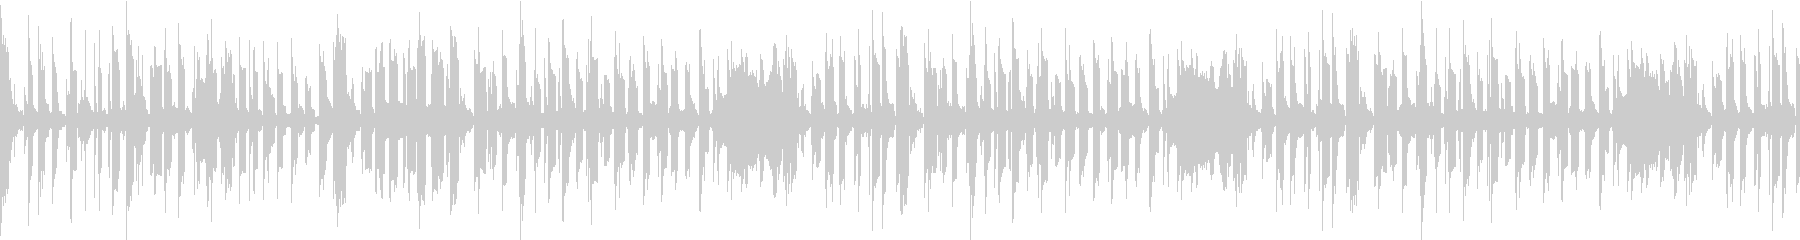 ほのぼのティータイムのようなループ曲の未再生の波形